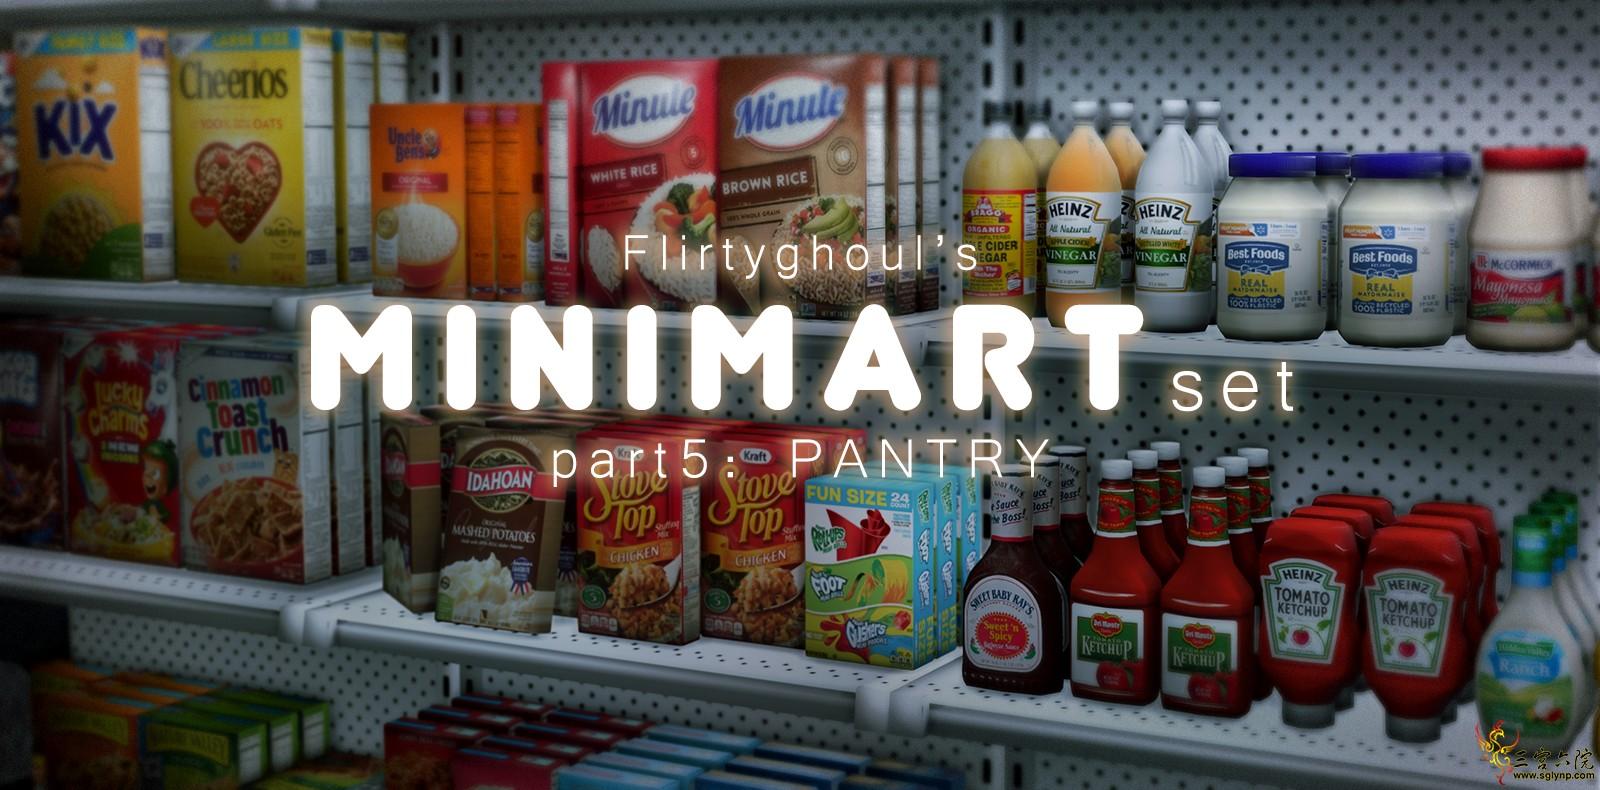 FG_Minimart_PART5_PANTRYSET_prev1.png